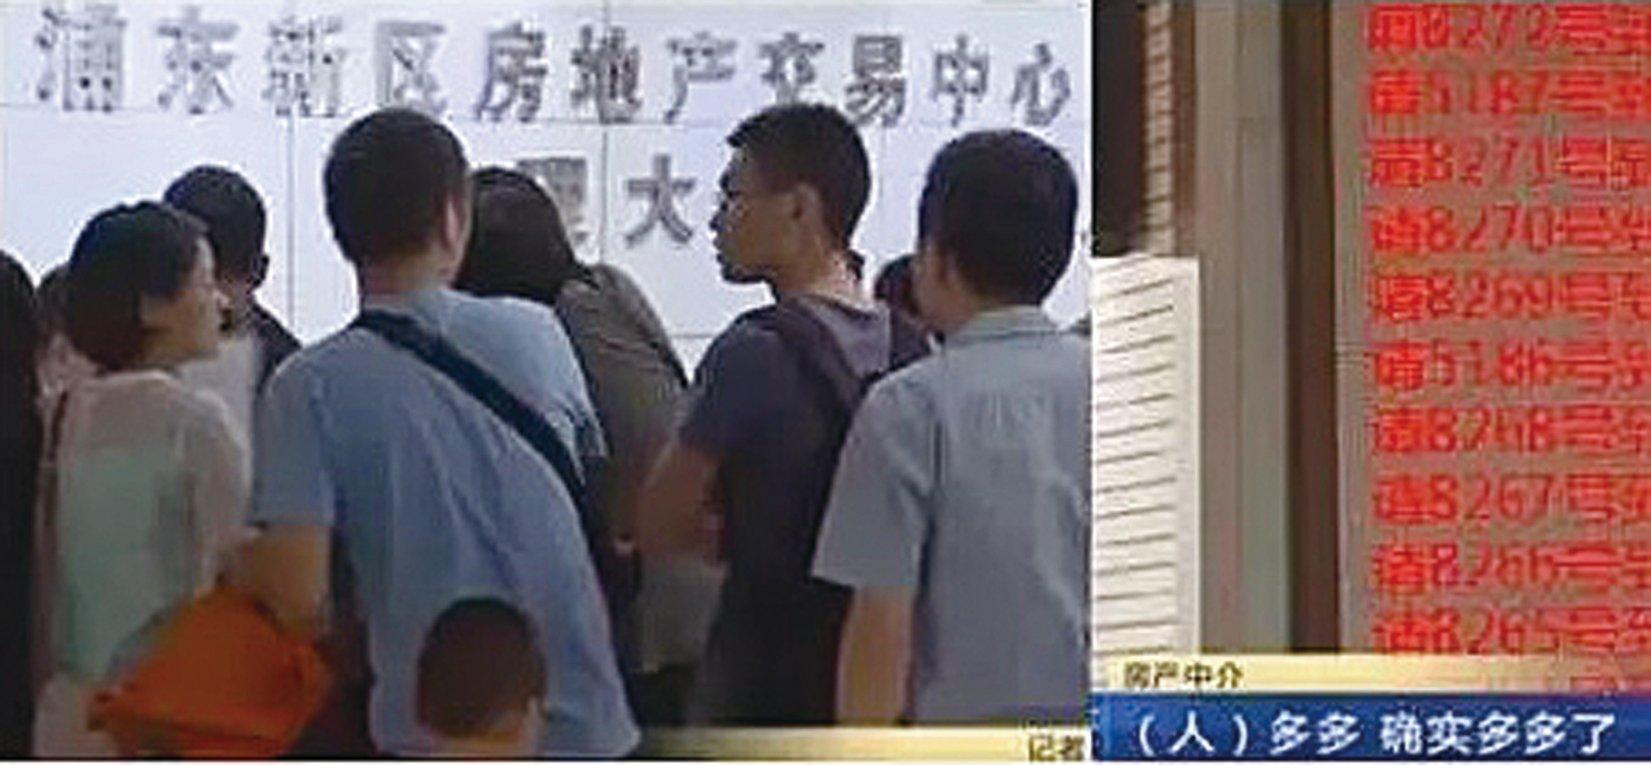 上海樓市近日交易量暴增,交易中心的登記系統出現當機狀況。(網絡截圖)